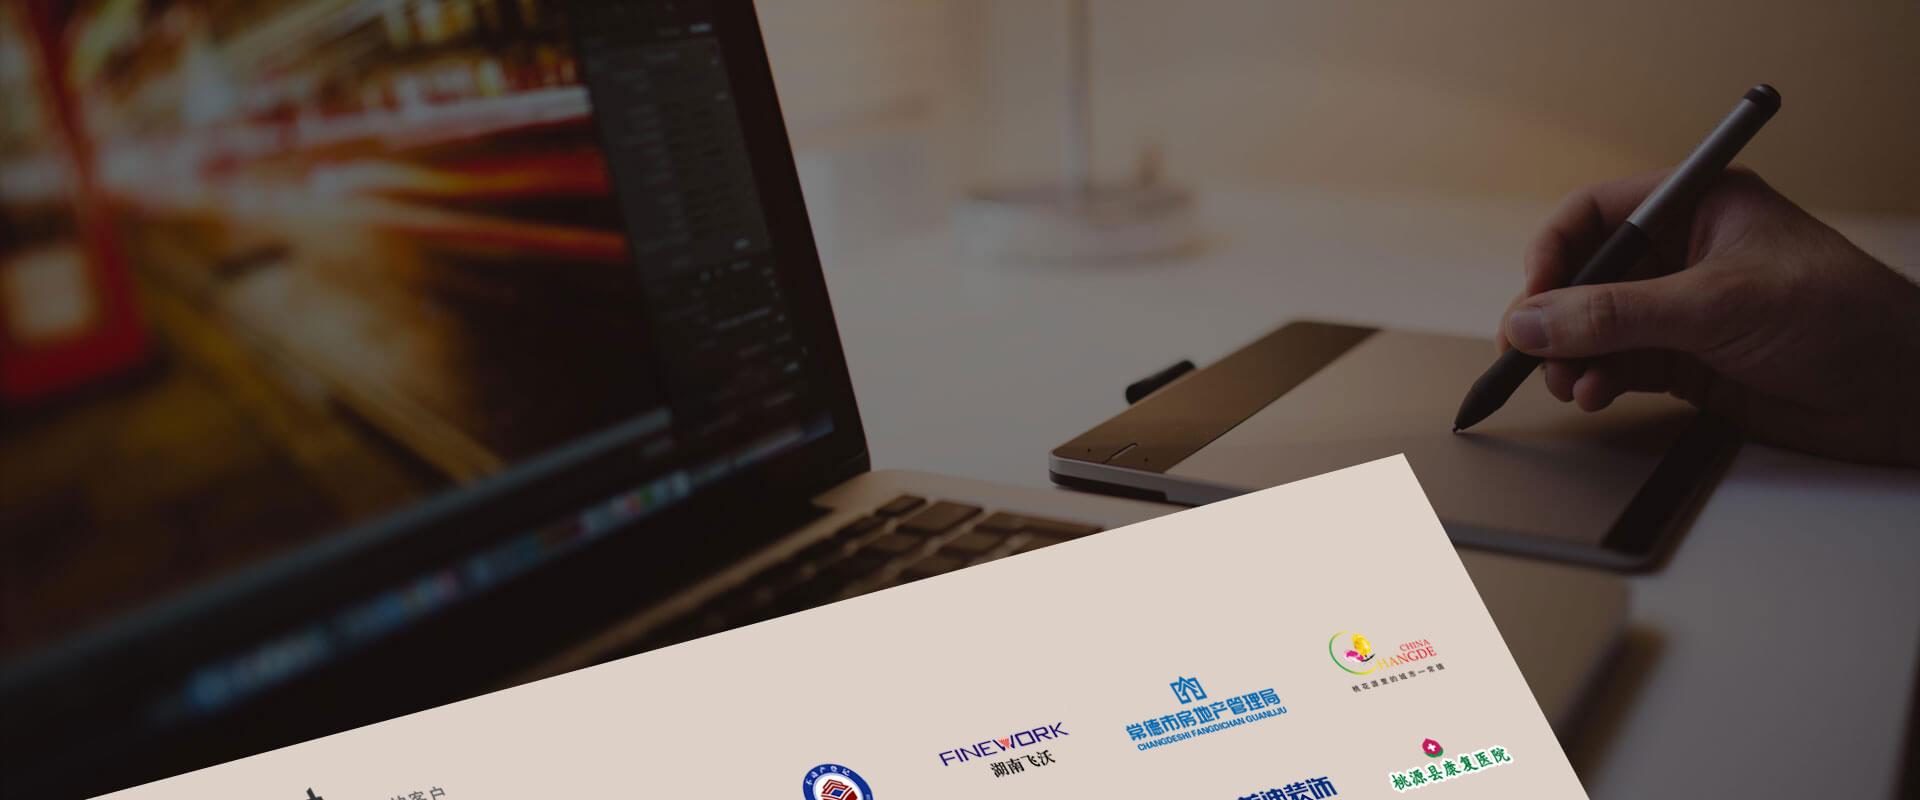 常德高端m6米乐app官网下载建设,常德高端m6米乐app官网下载设计